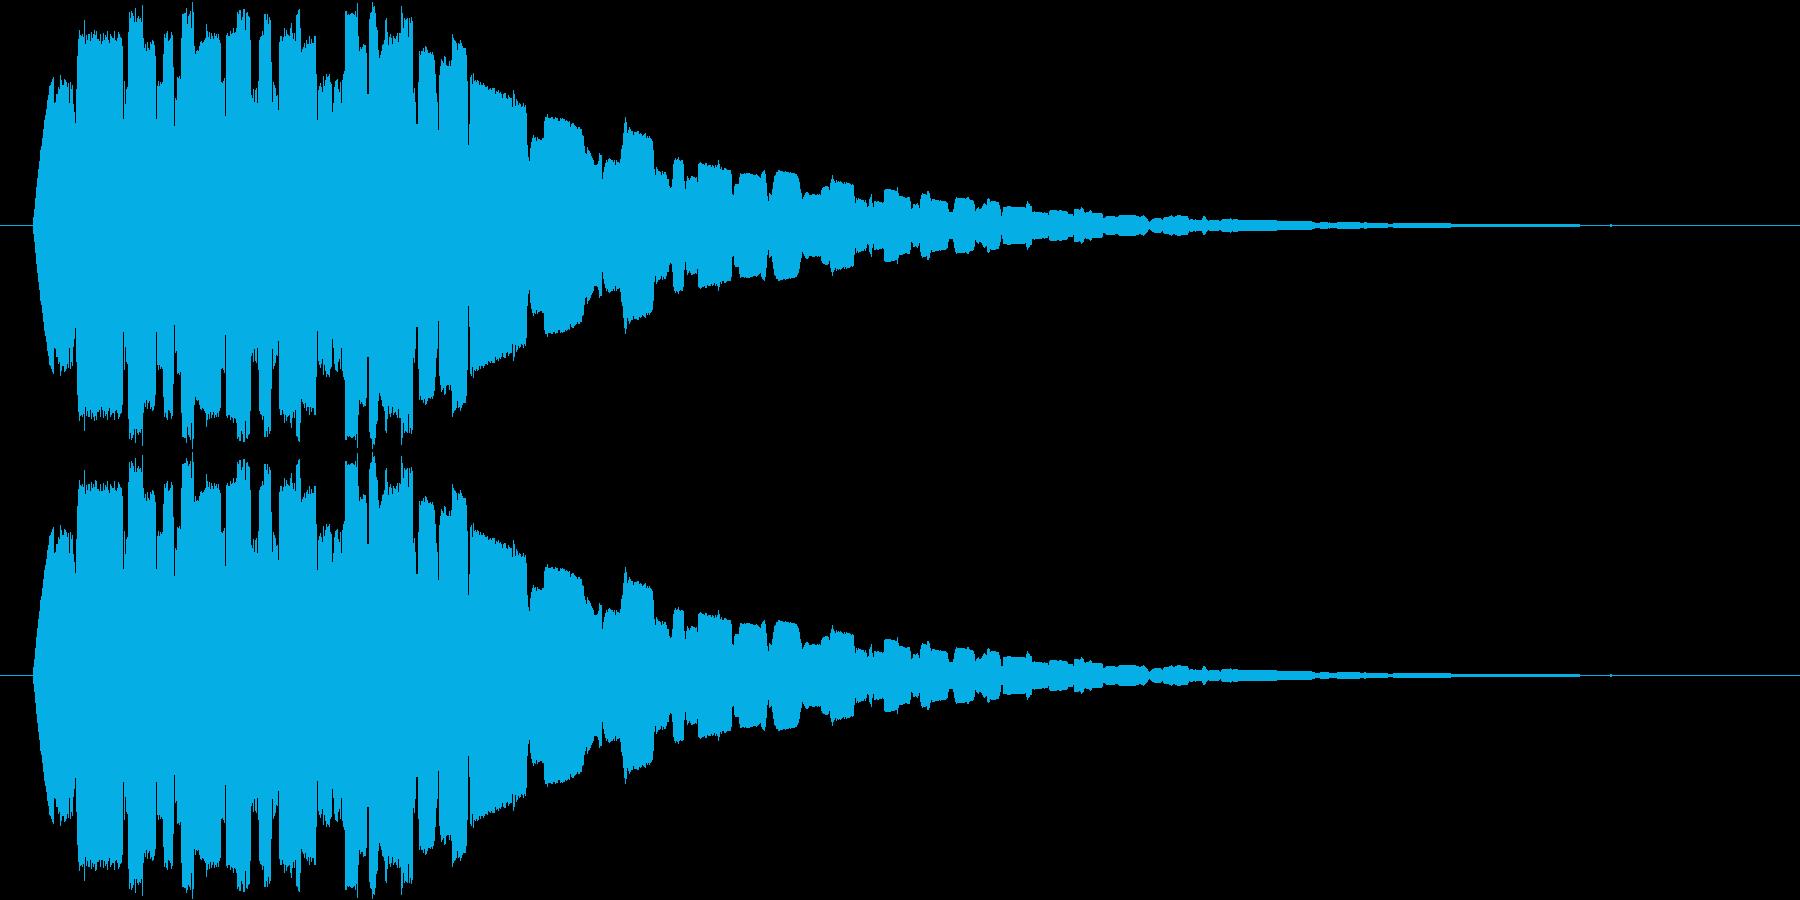 フワフワフワ・・・の再生済みの波形